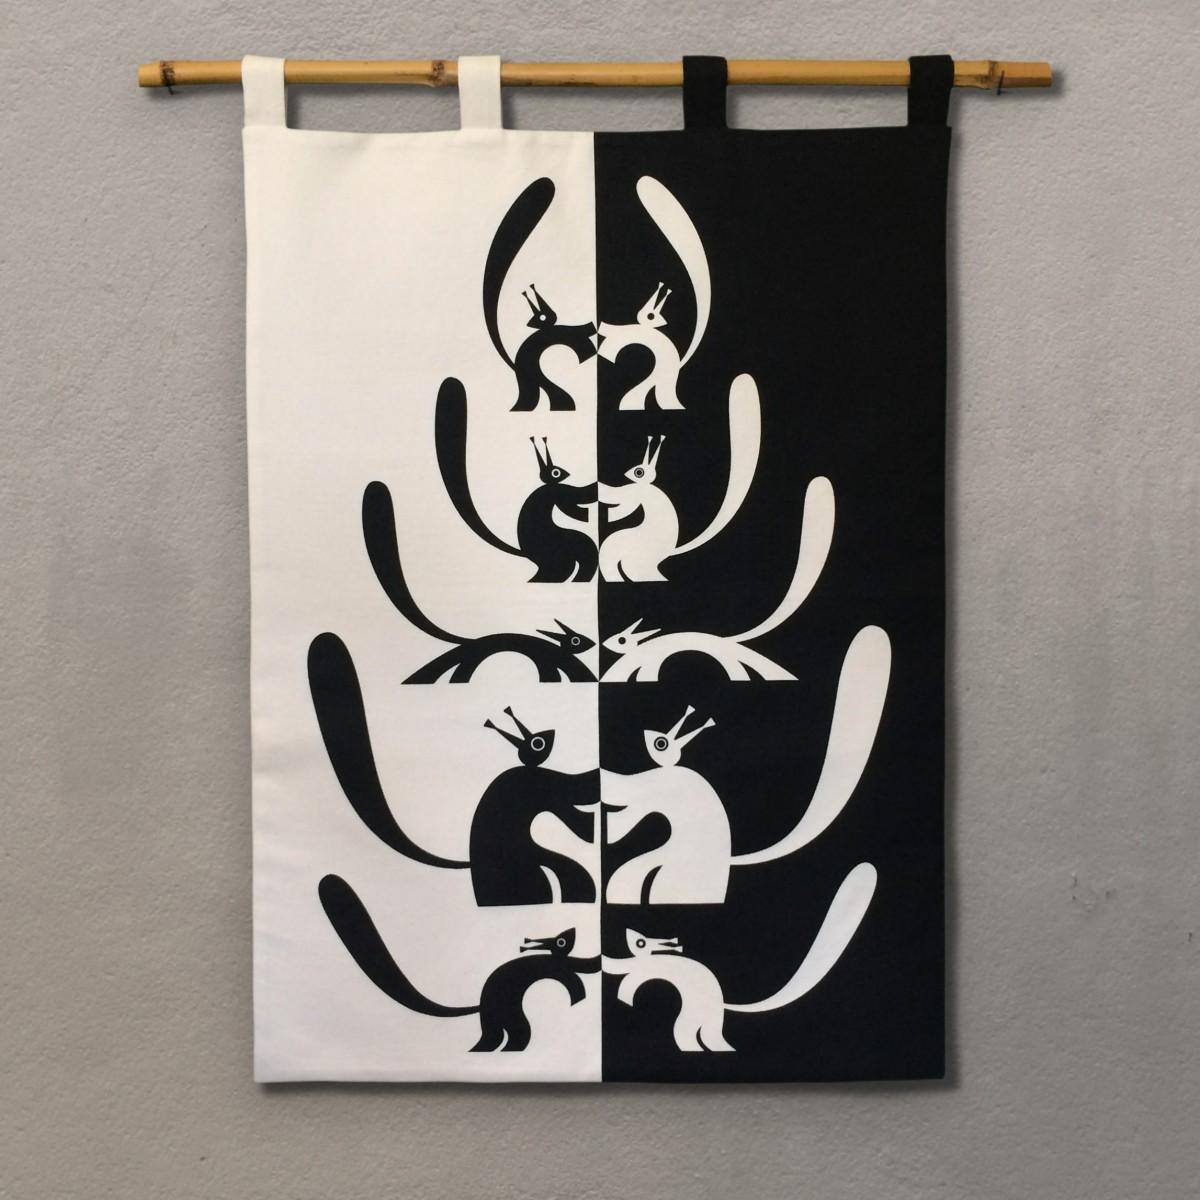 Print now - Riot later ● Nusskumpel Wandbehang, Stoffsiebdruck